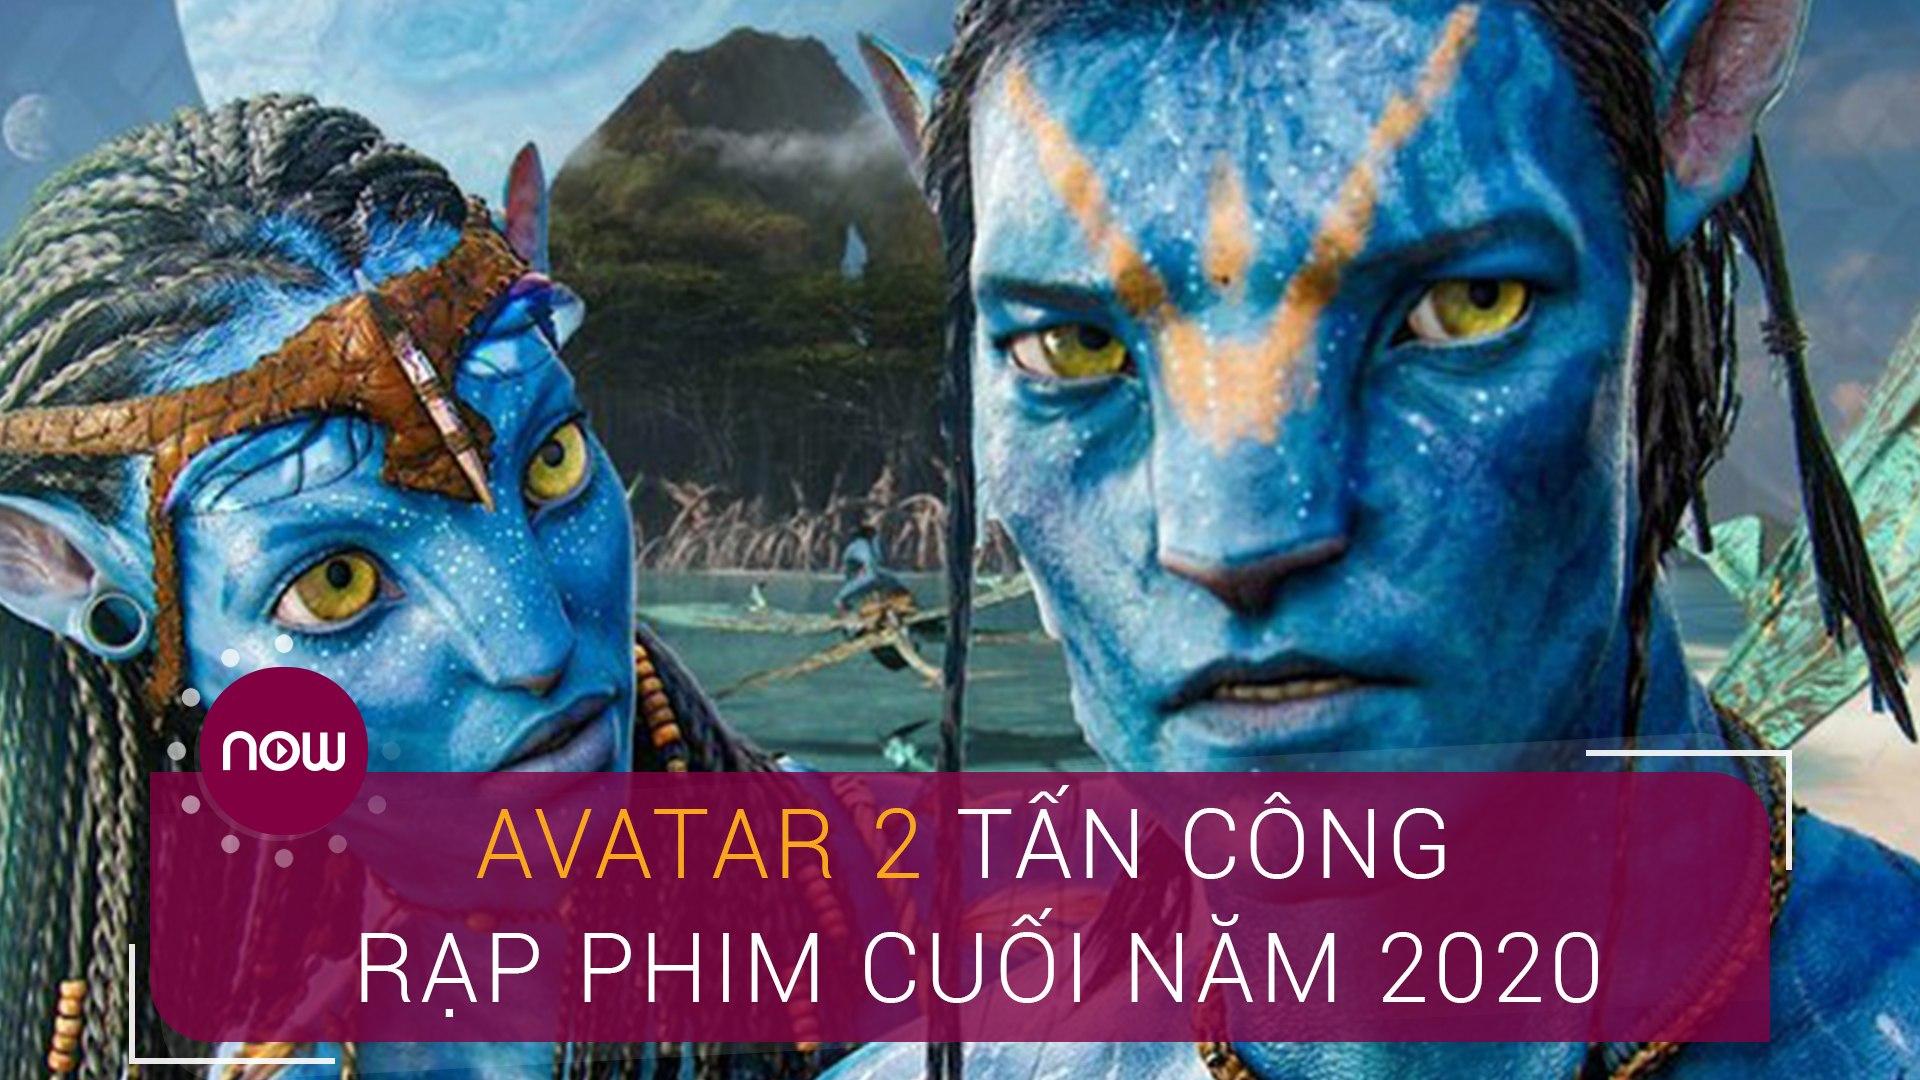 Avatar 2 chính thức tấn công rạp phim cuối năm 2020